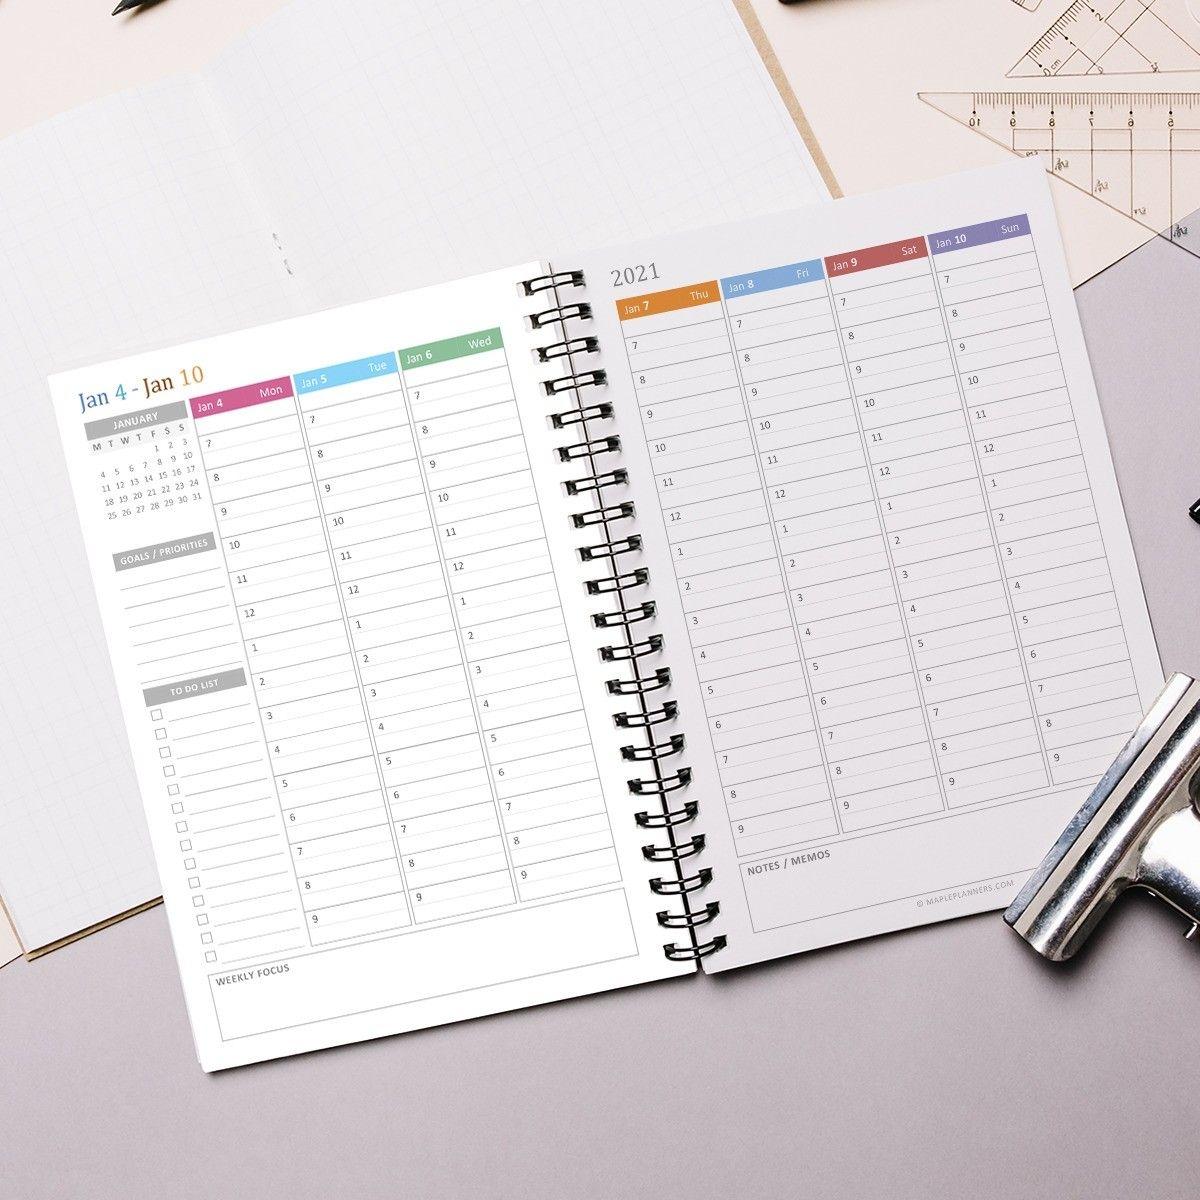 Printable A5 Hourly Weekly Planner 2021 | Vertical Weekly